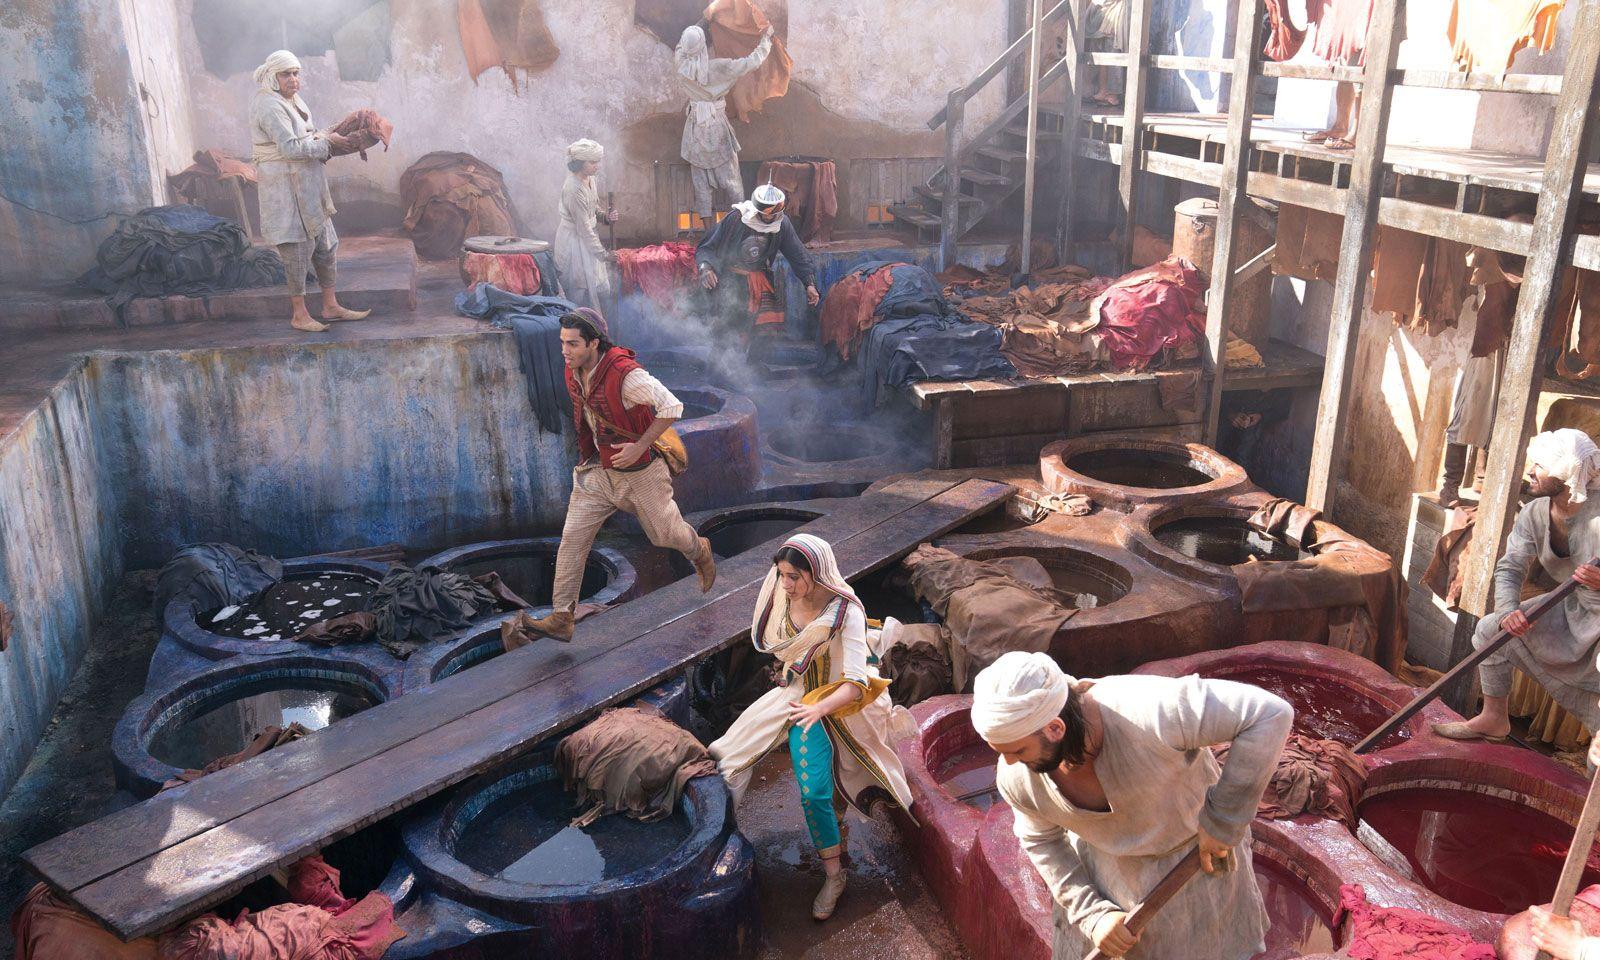 Die Handlung ist in der fiktiven Stadt Agrabah angesiedelt.